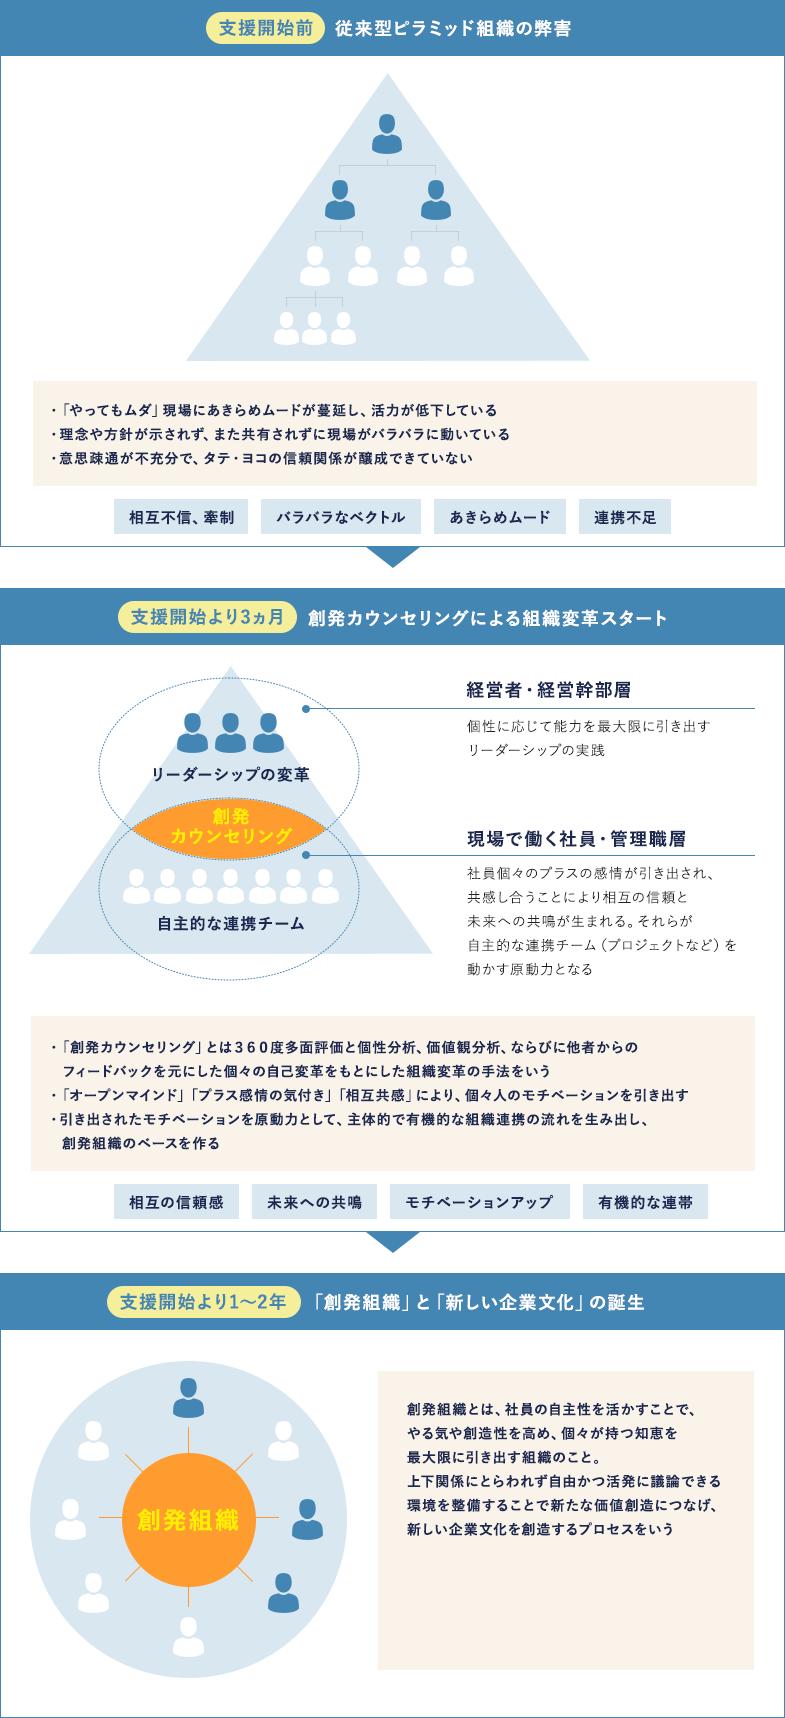 「創発組織」の実現に向けた組織変革ステップ